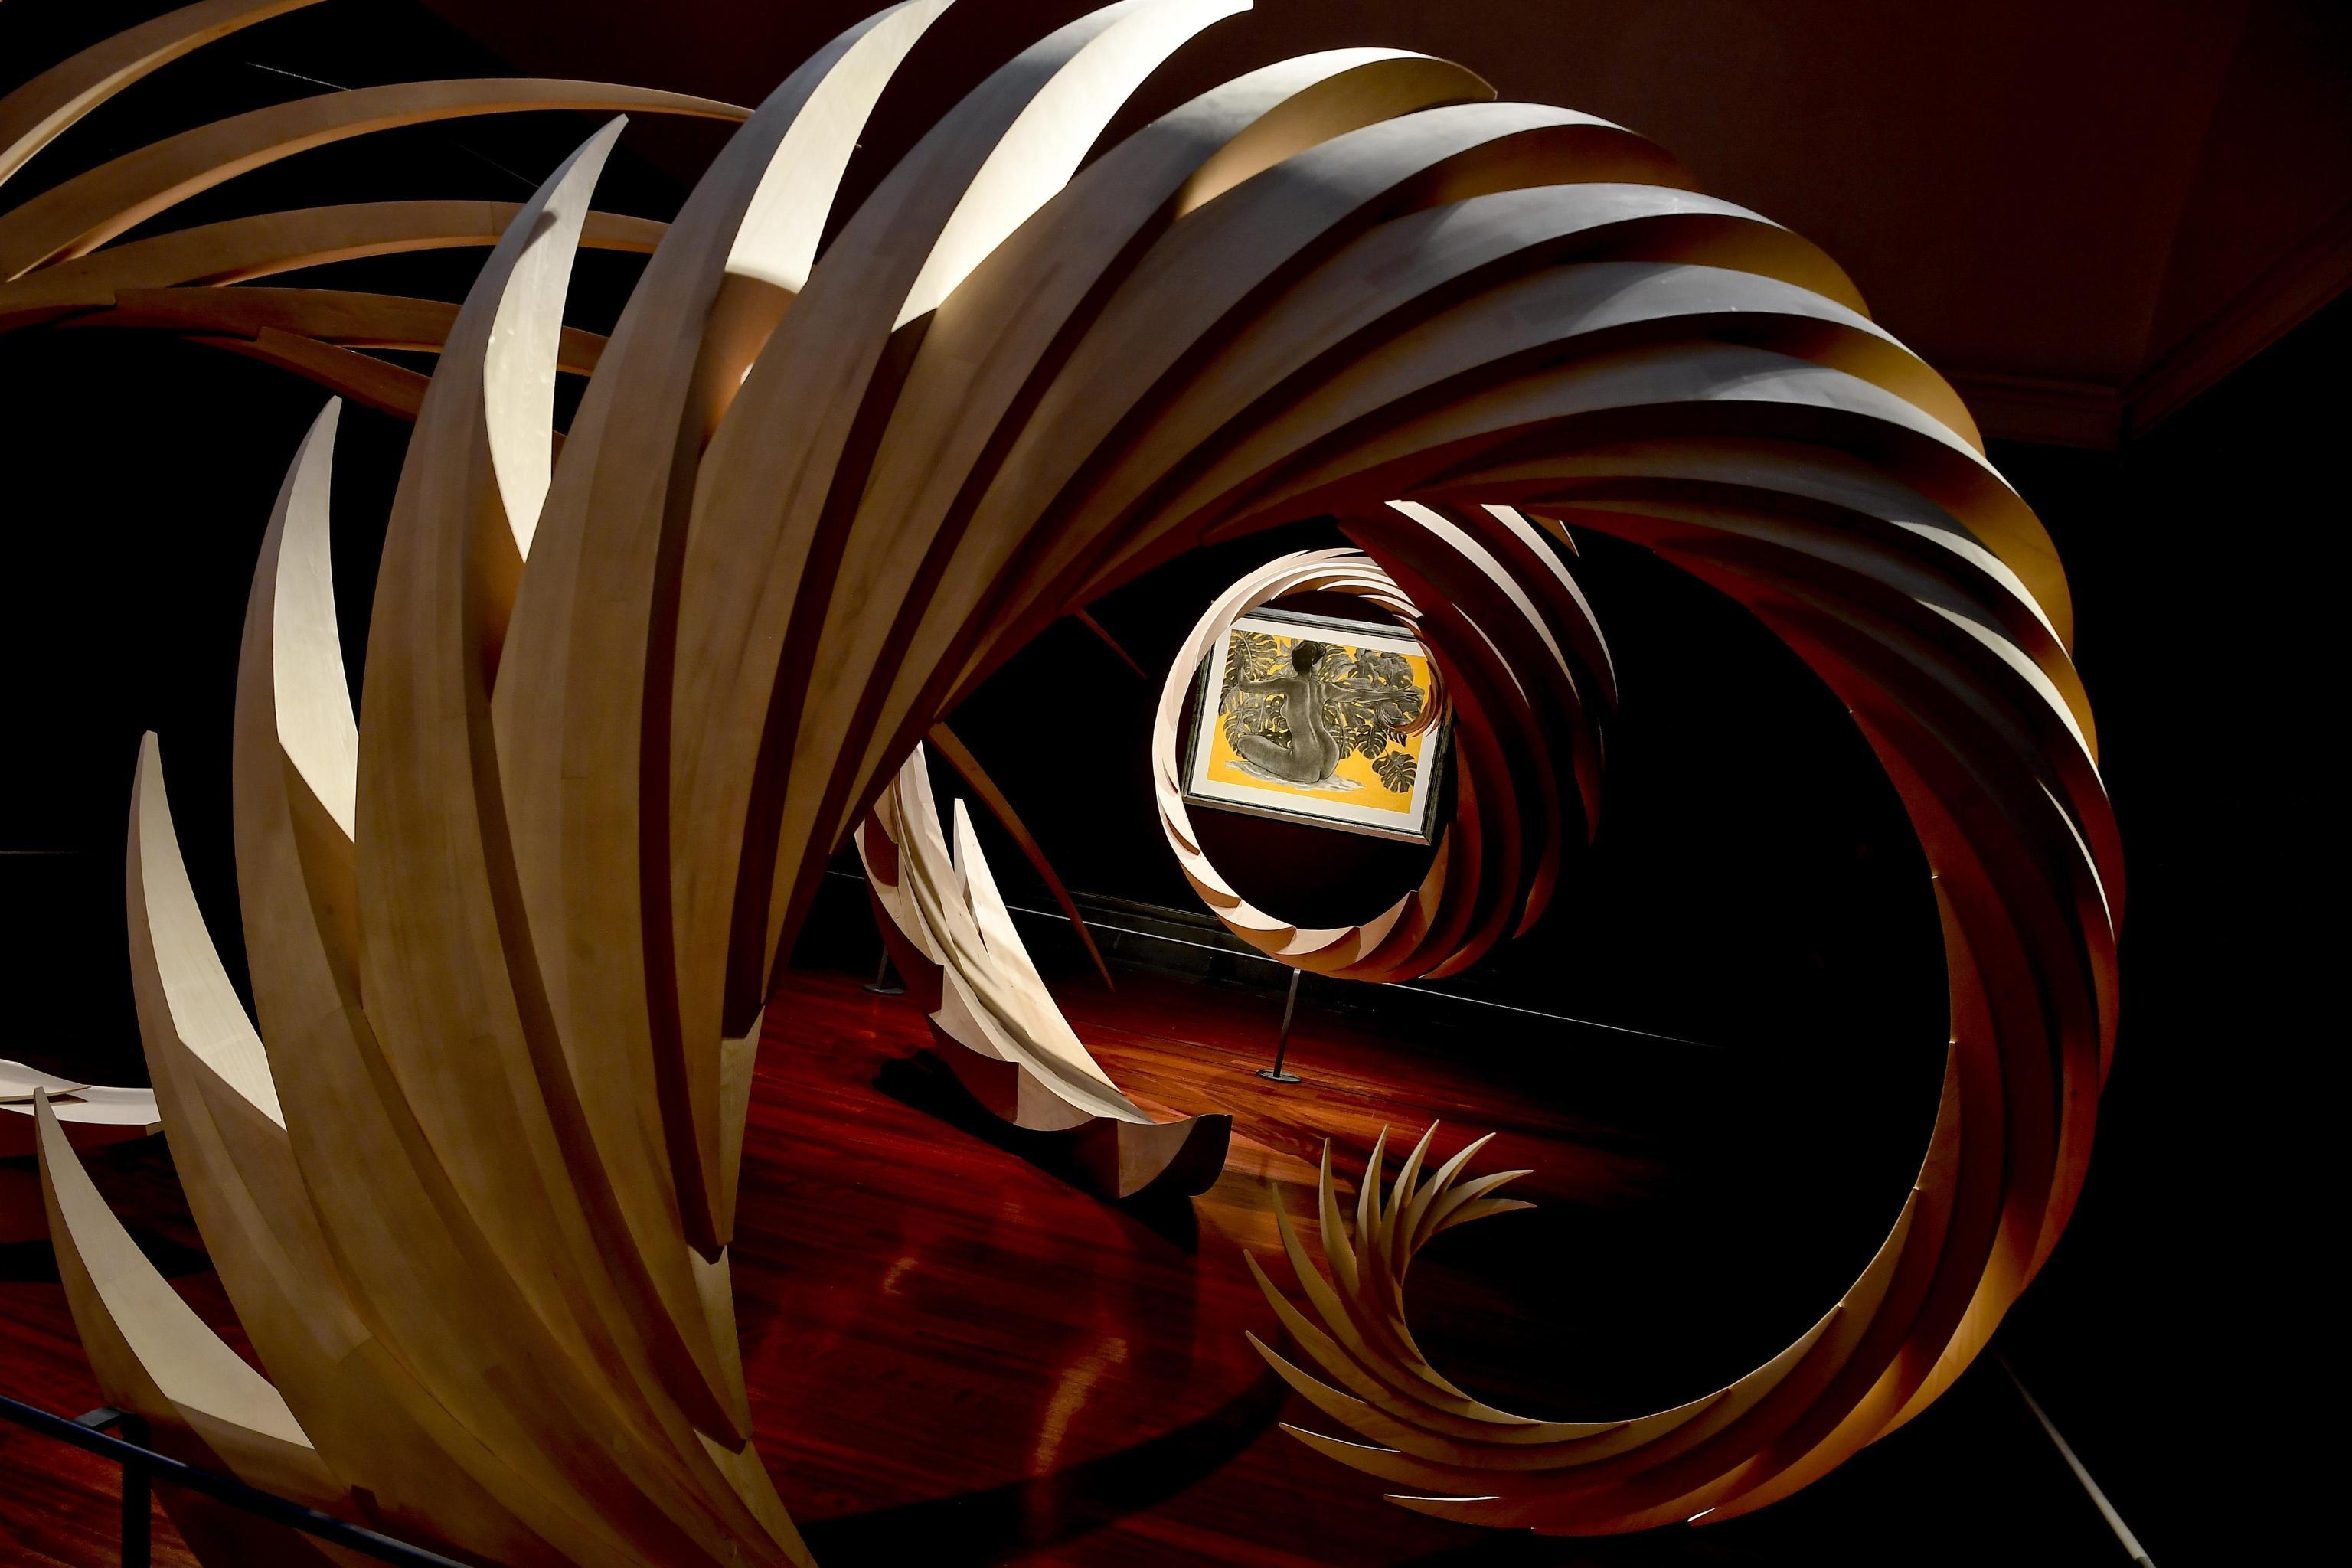 La mostra con  quattrocento opere - sculture, disegni, maquette di  Santiago Calatrava, architetto, ingegnere, pittore, scultore, disegnatore, artista a tutto tondo in mosrra a Napoli nel Museo e Real Bosco di Capodimonte, 5 dicembre 2019  ANSA / CIRO FUSCO